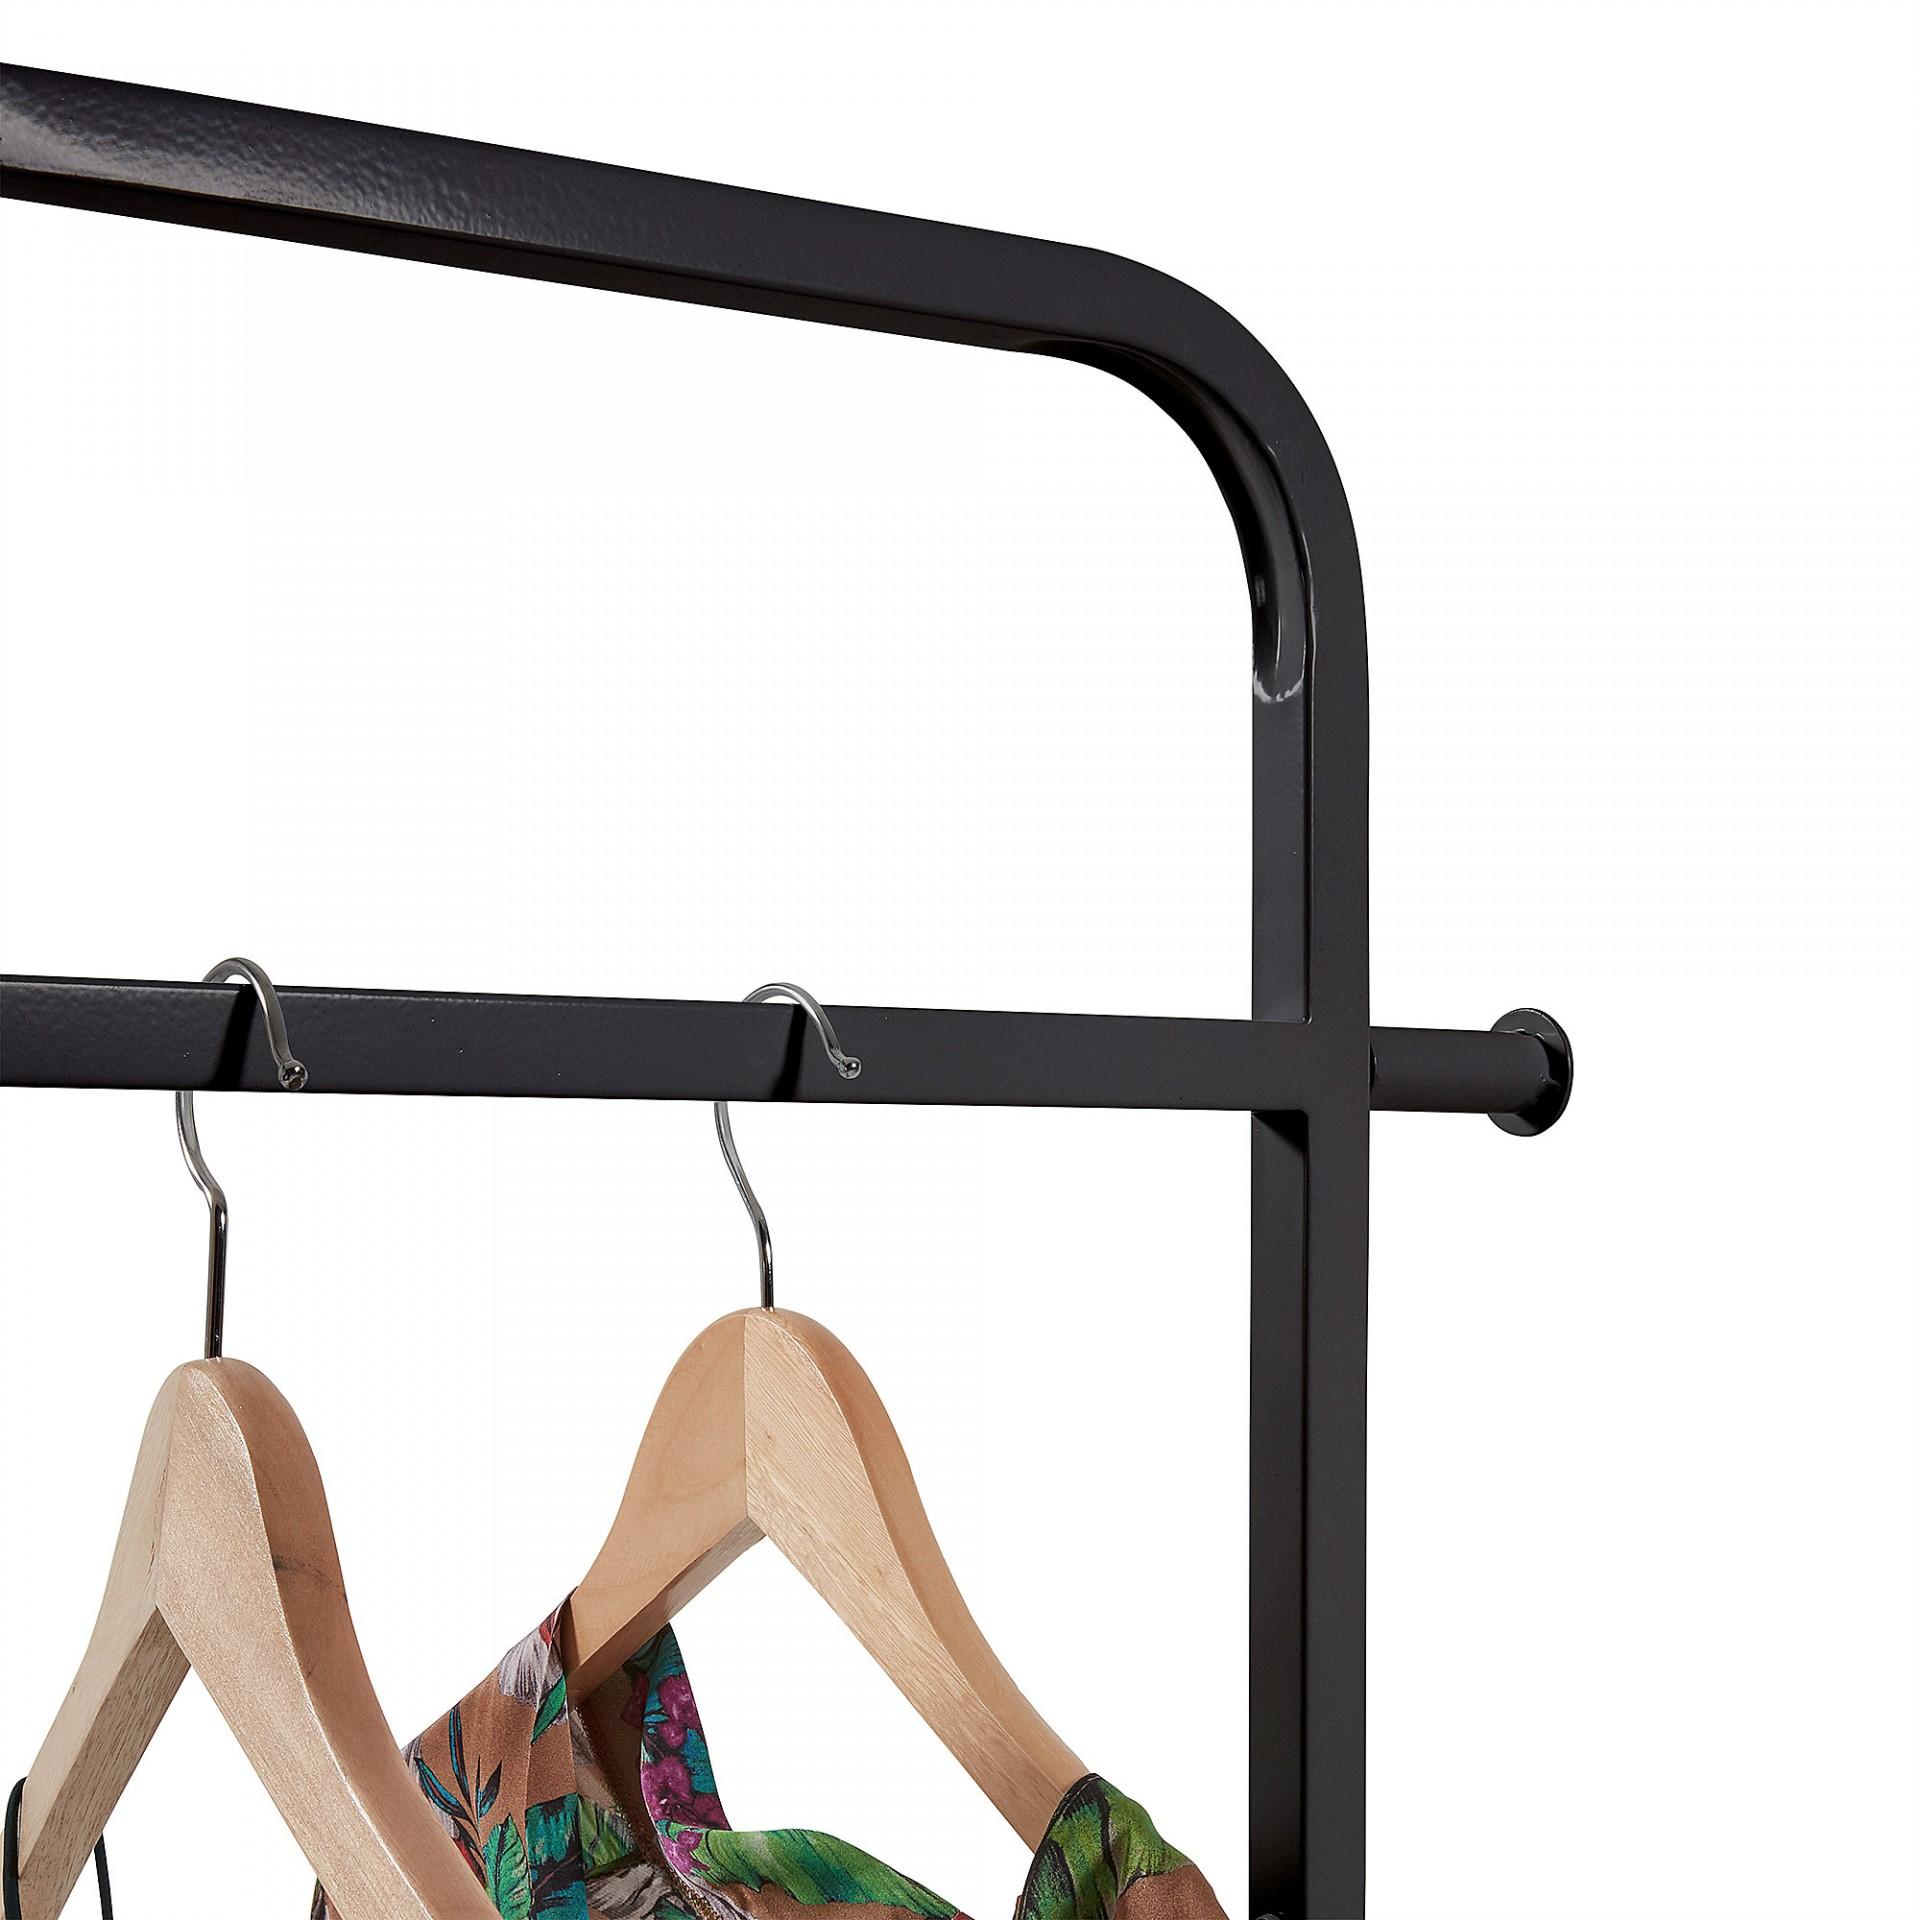 Porta cabides Bent, MDF/metal, preto, 74x180 cm